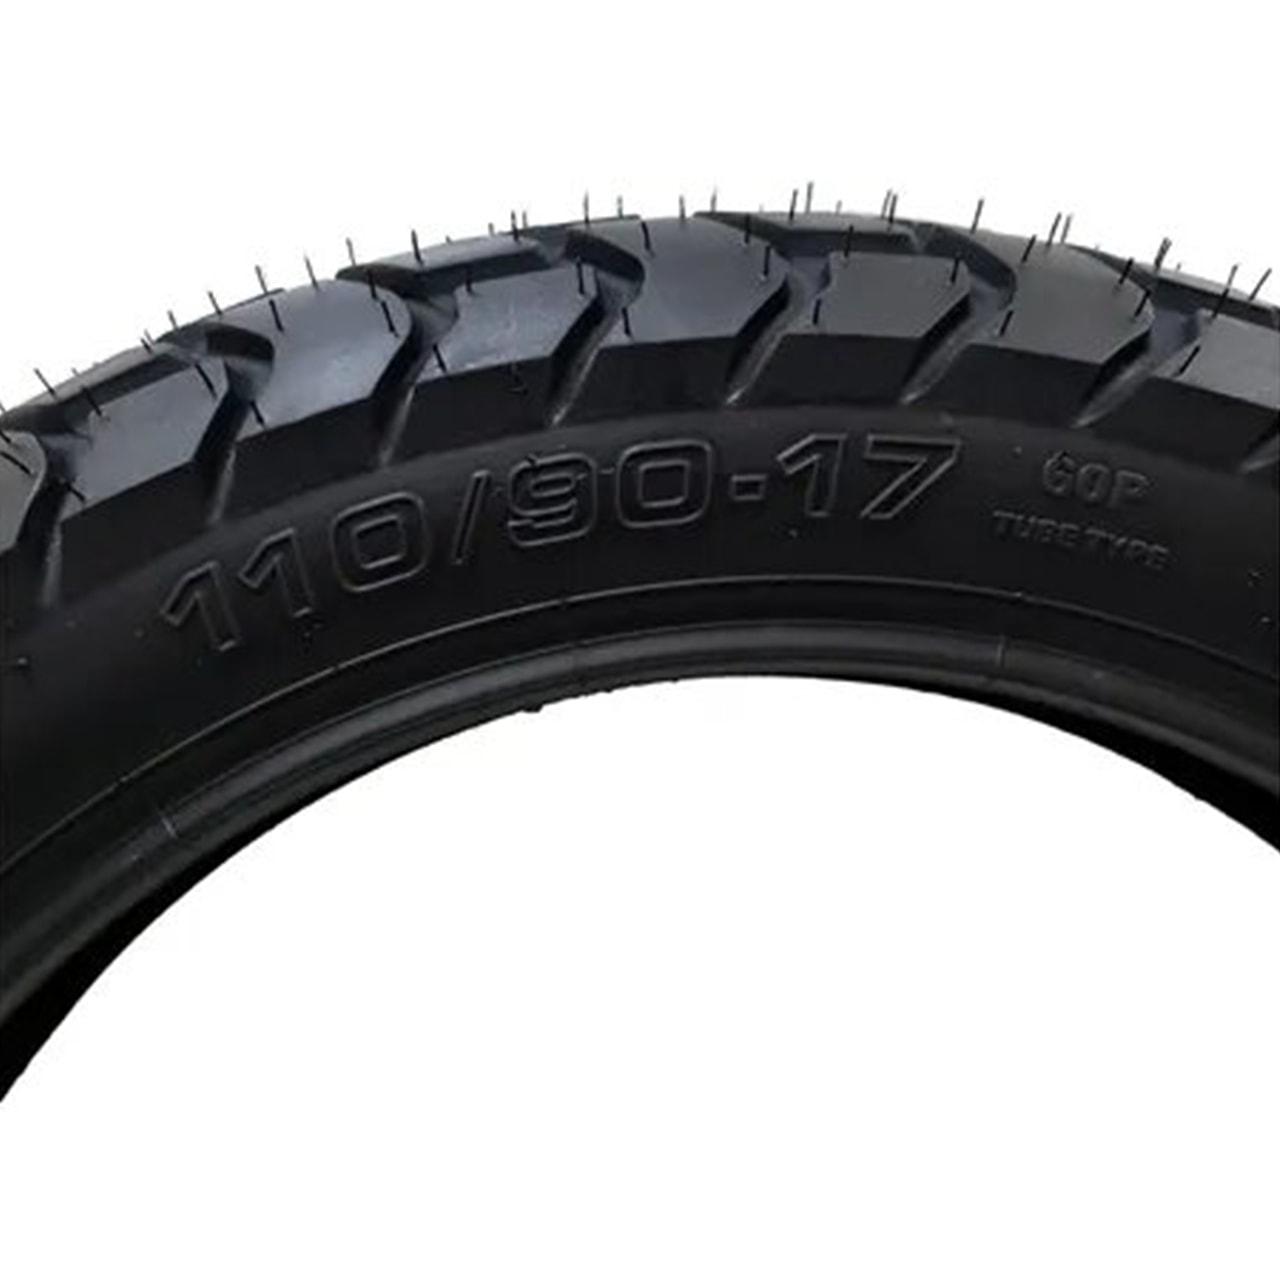 Pneu Traseiro BROS 160 150 125 Original Pirelli 42711KFT623